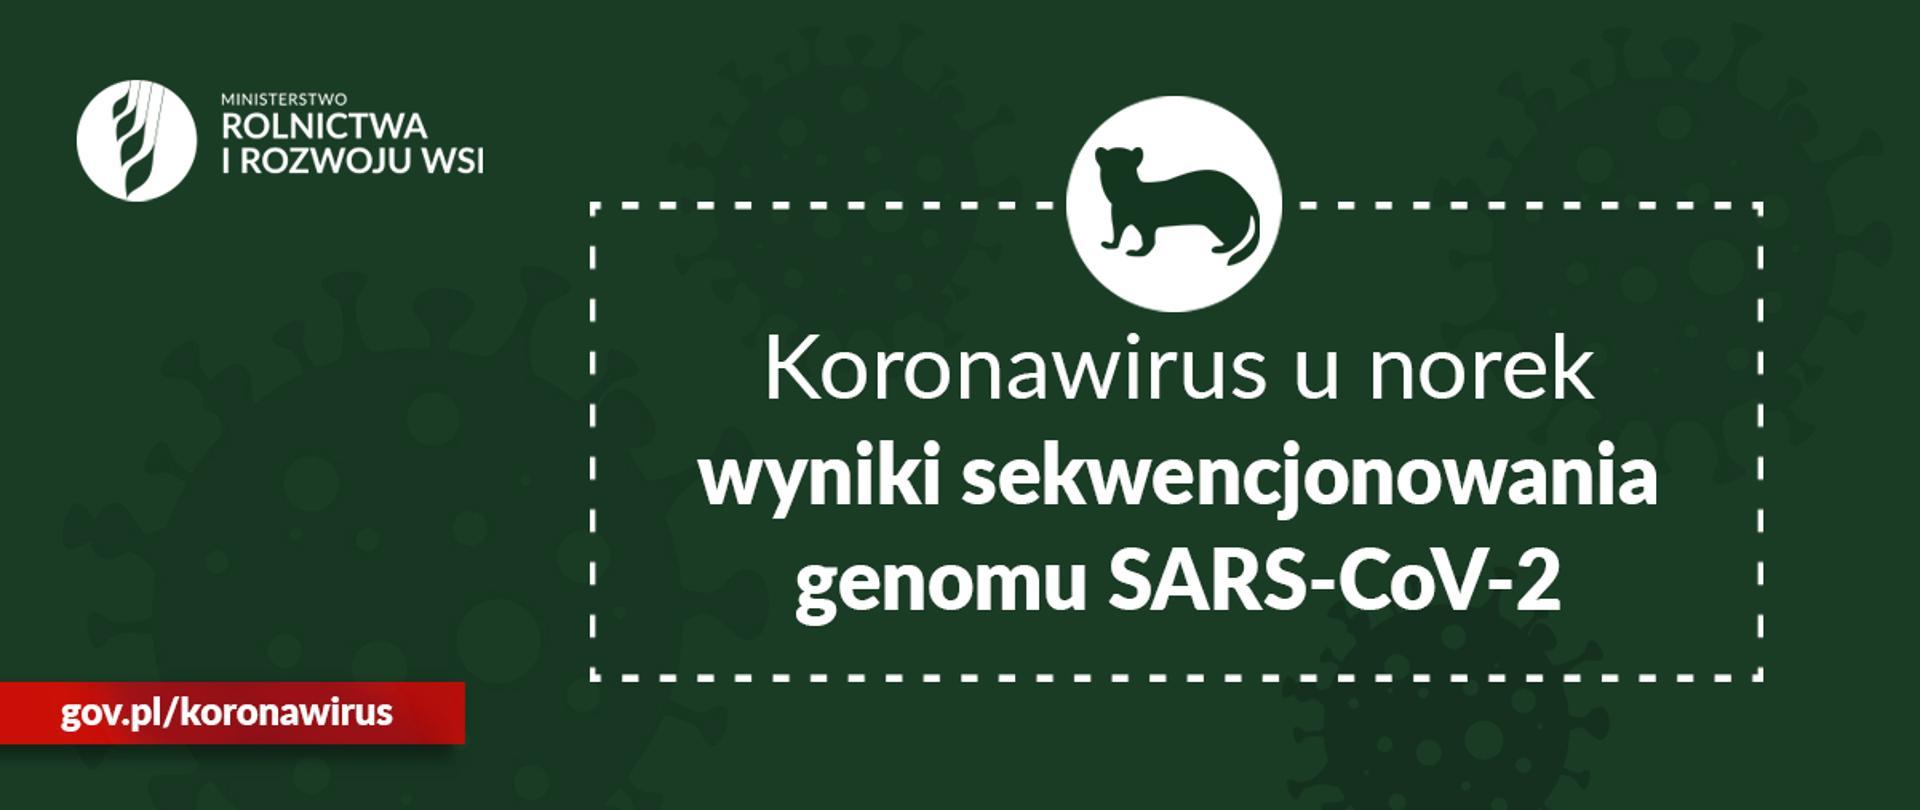 Koronawirus unorek 13 lutego